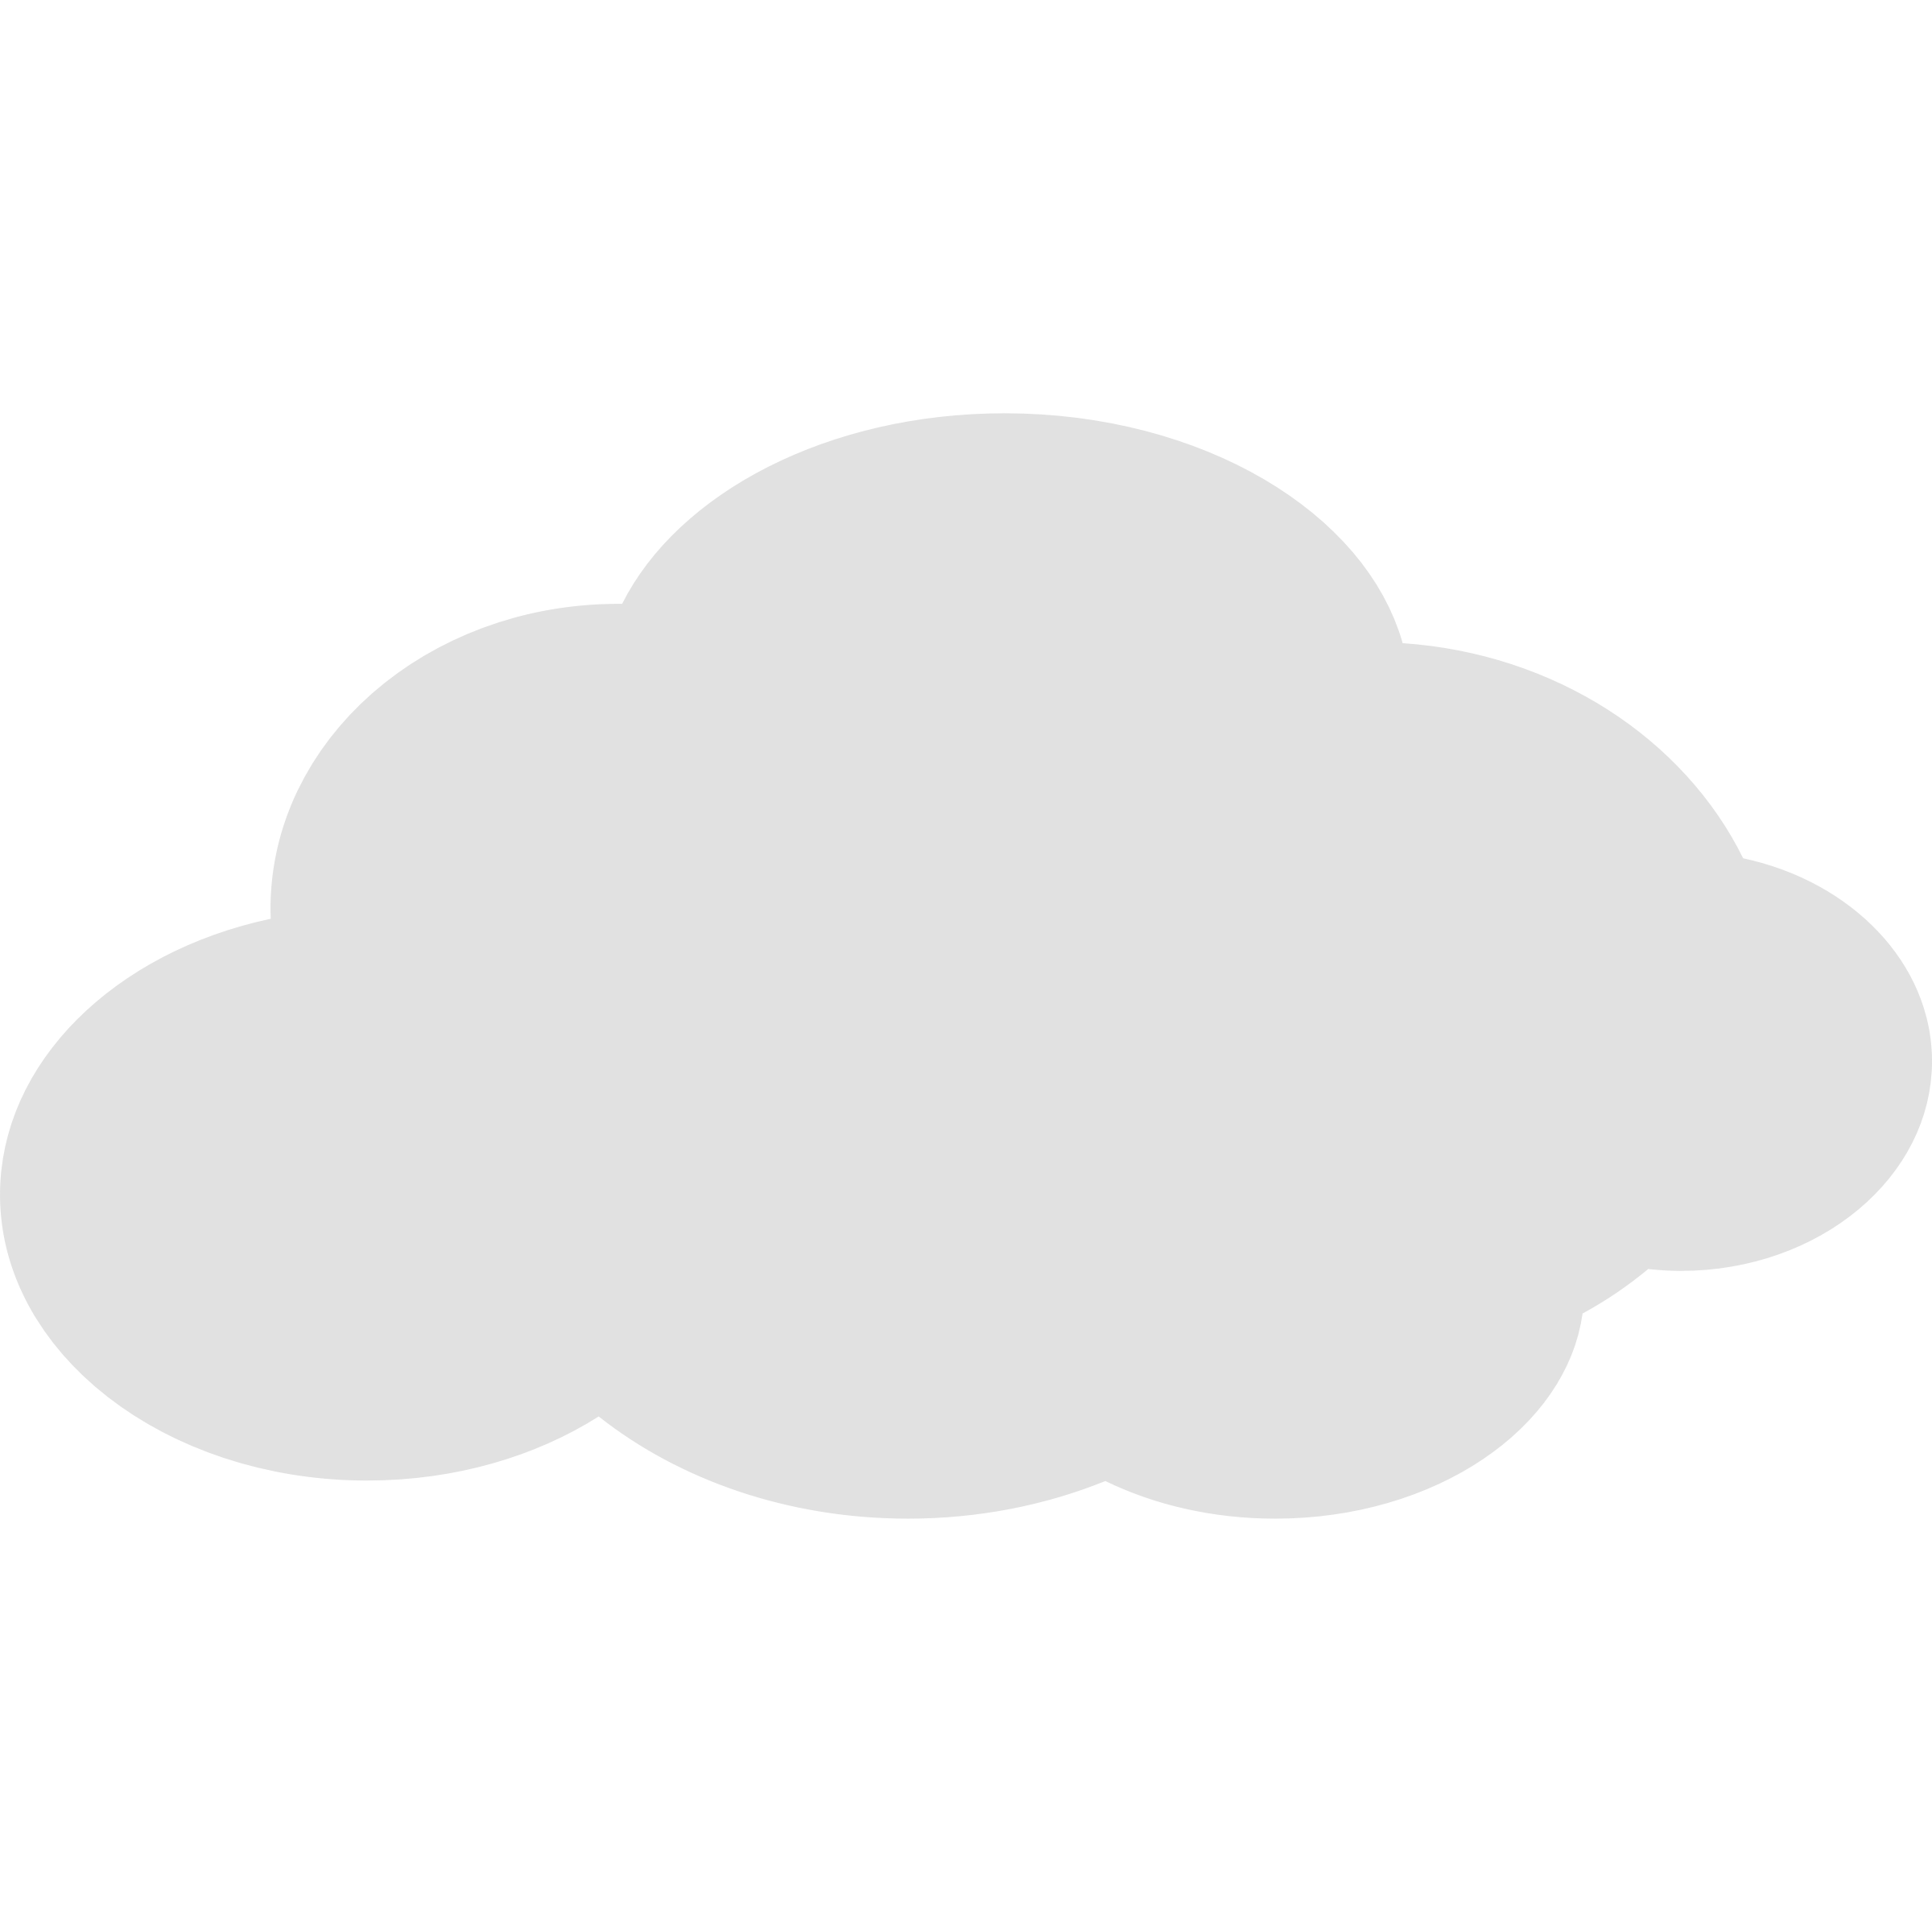 Cloud clipart simple cloud icon image